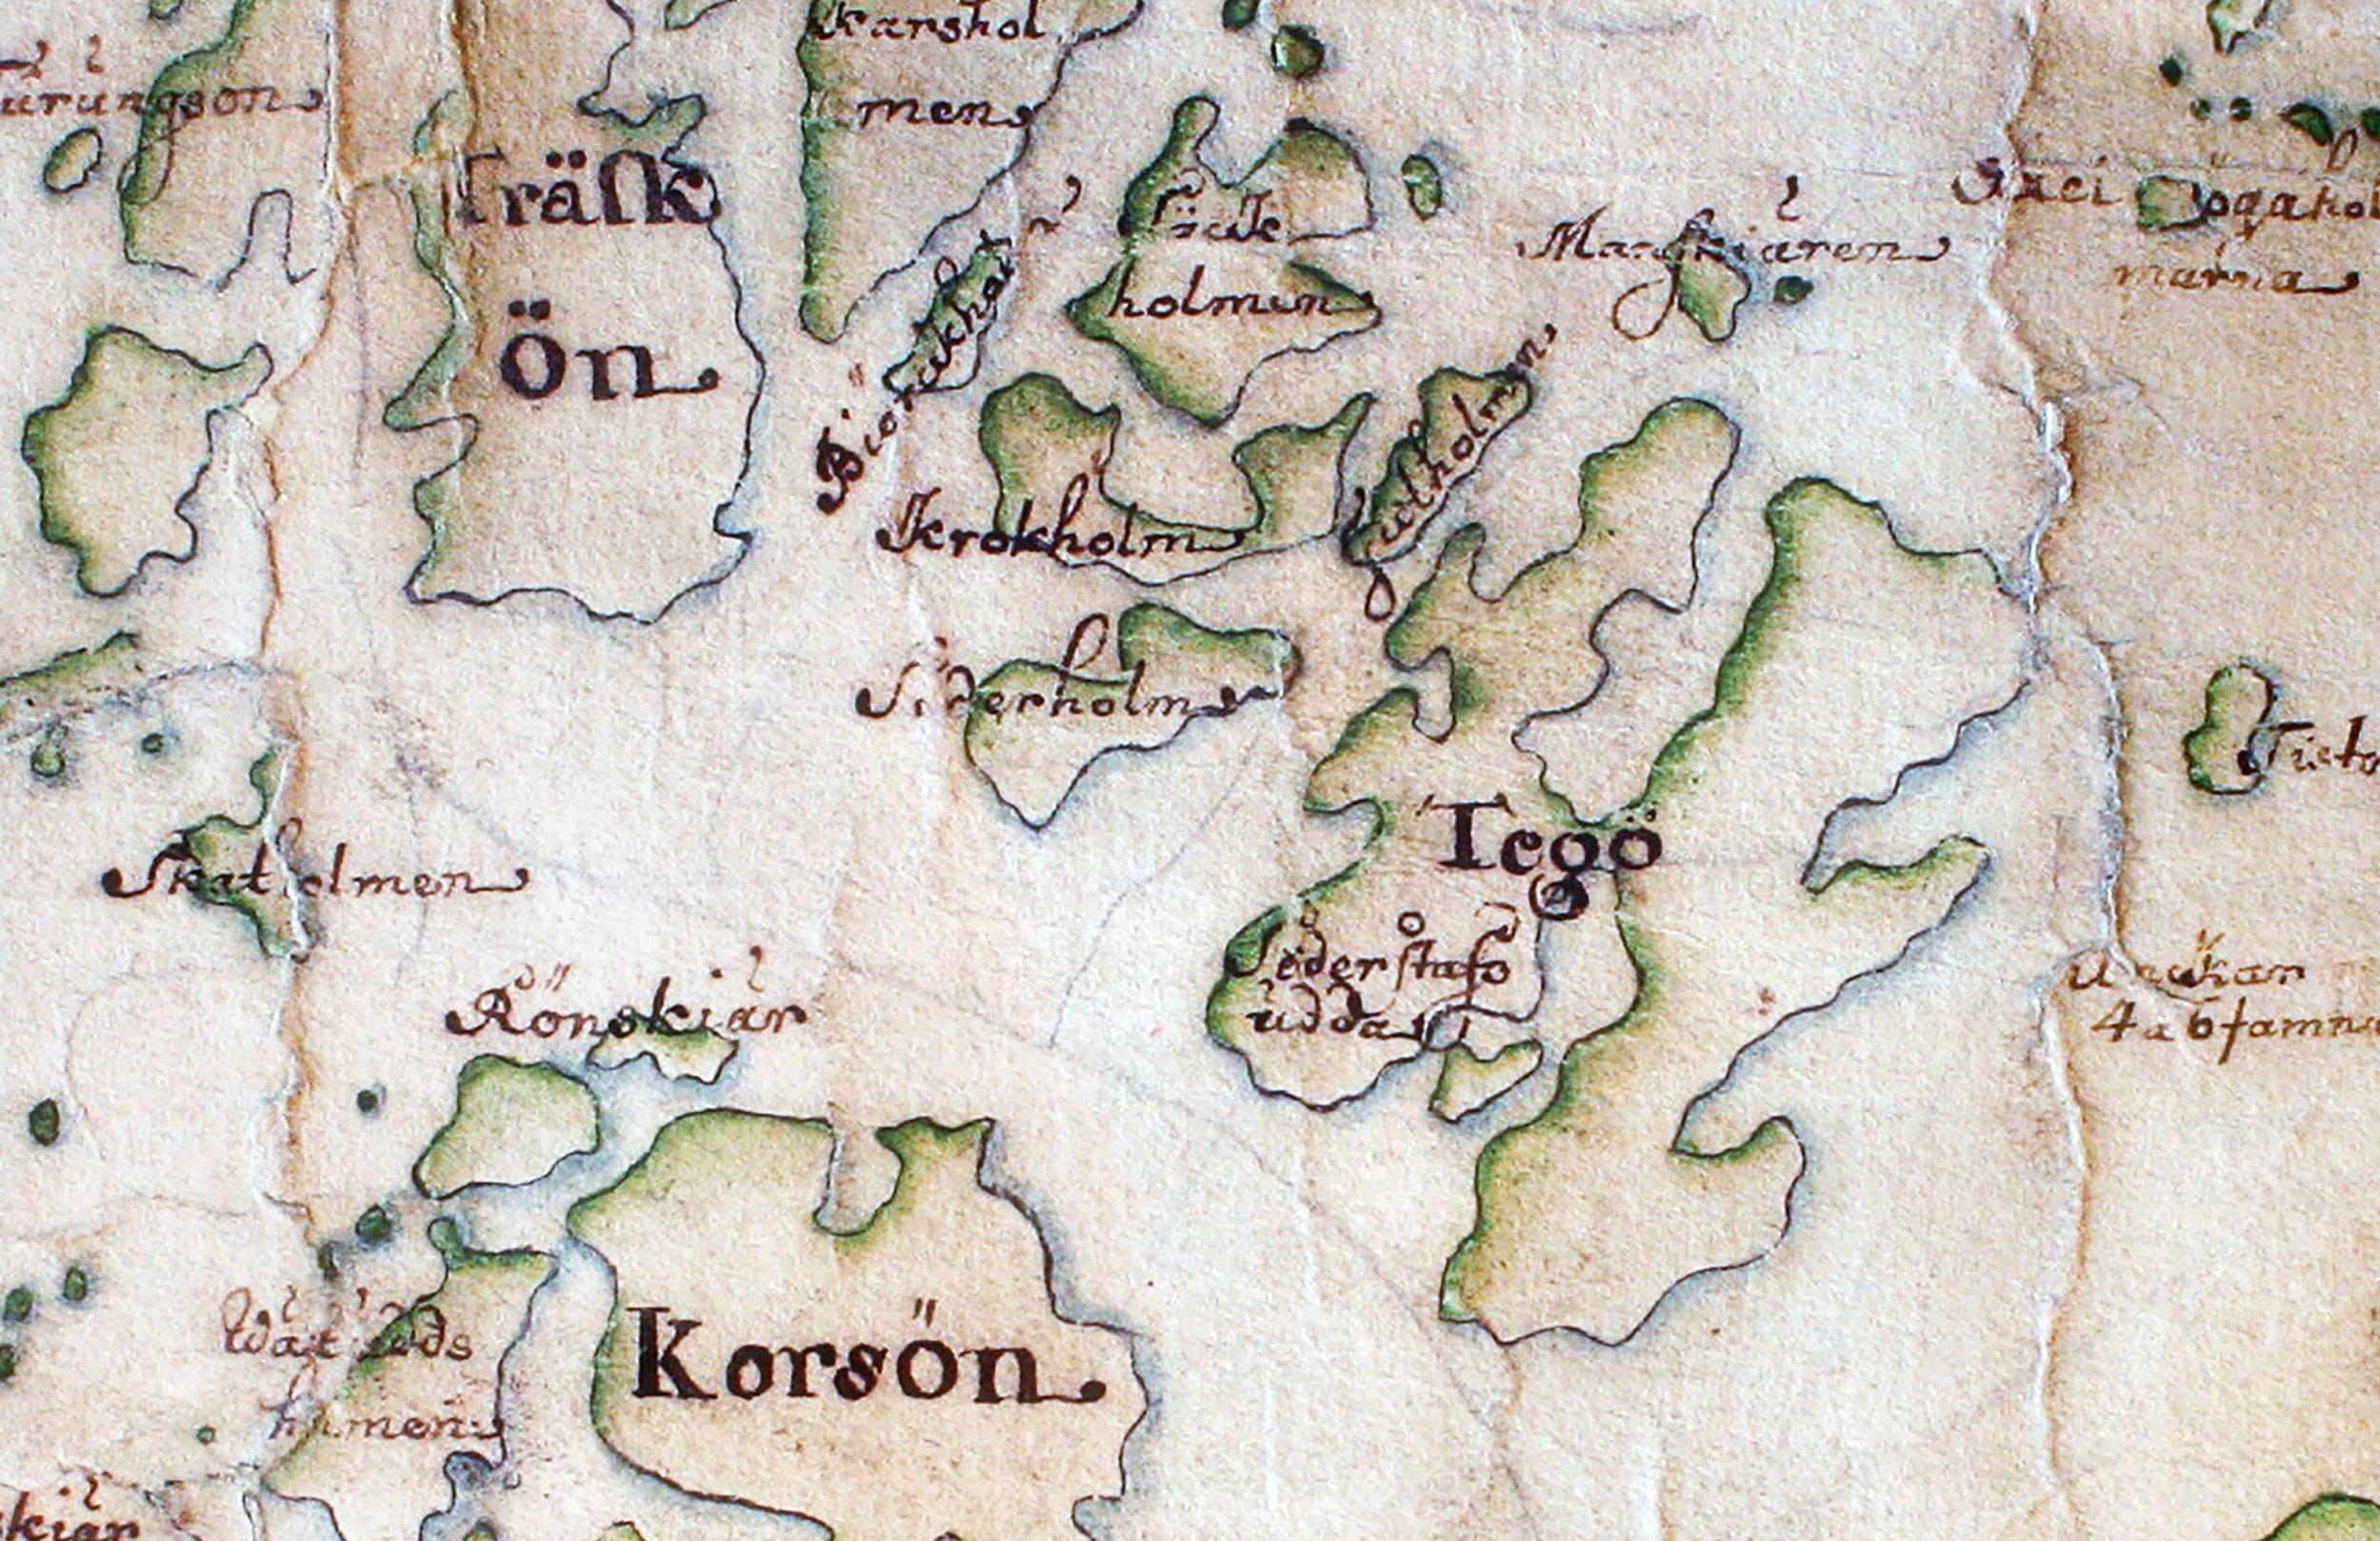 Södra Stavsudda kallas Tegö på Carl Gripenhielms skärgårdskarta från 1690-talet. Namnet finns kvar men används vara för den nordöstra delen av ön. Väderstrecken är förvridna.